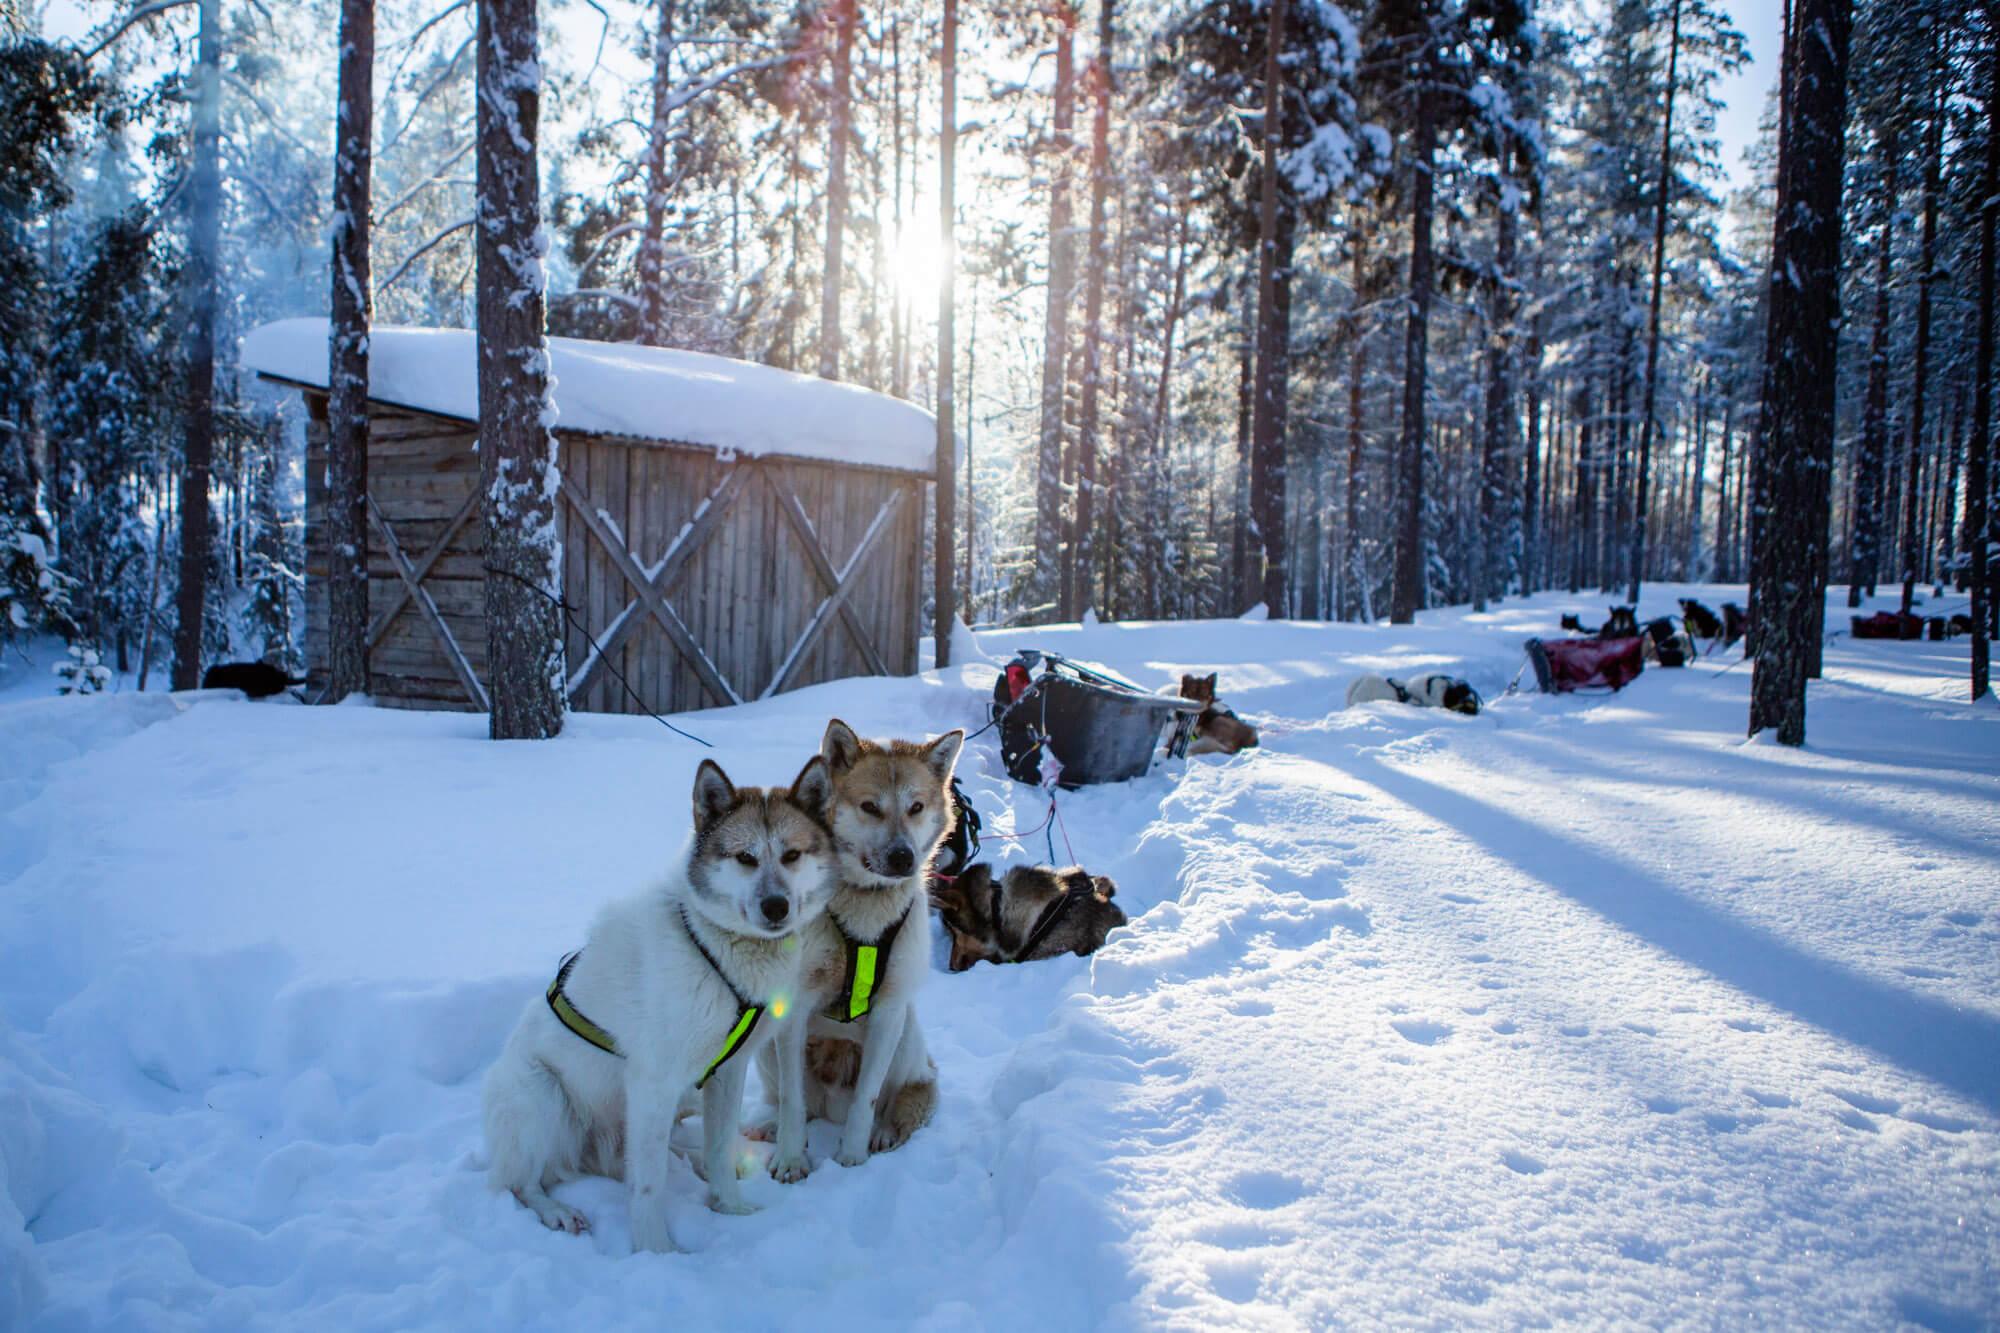 Pause déjeuner au milieu des bois pendant un raid en chiens de traineau en Laponie suédoise